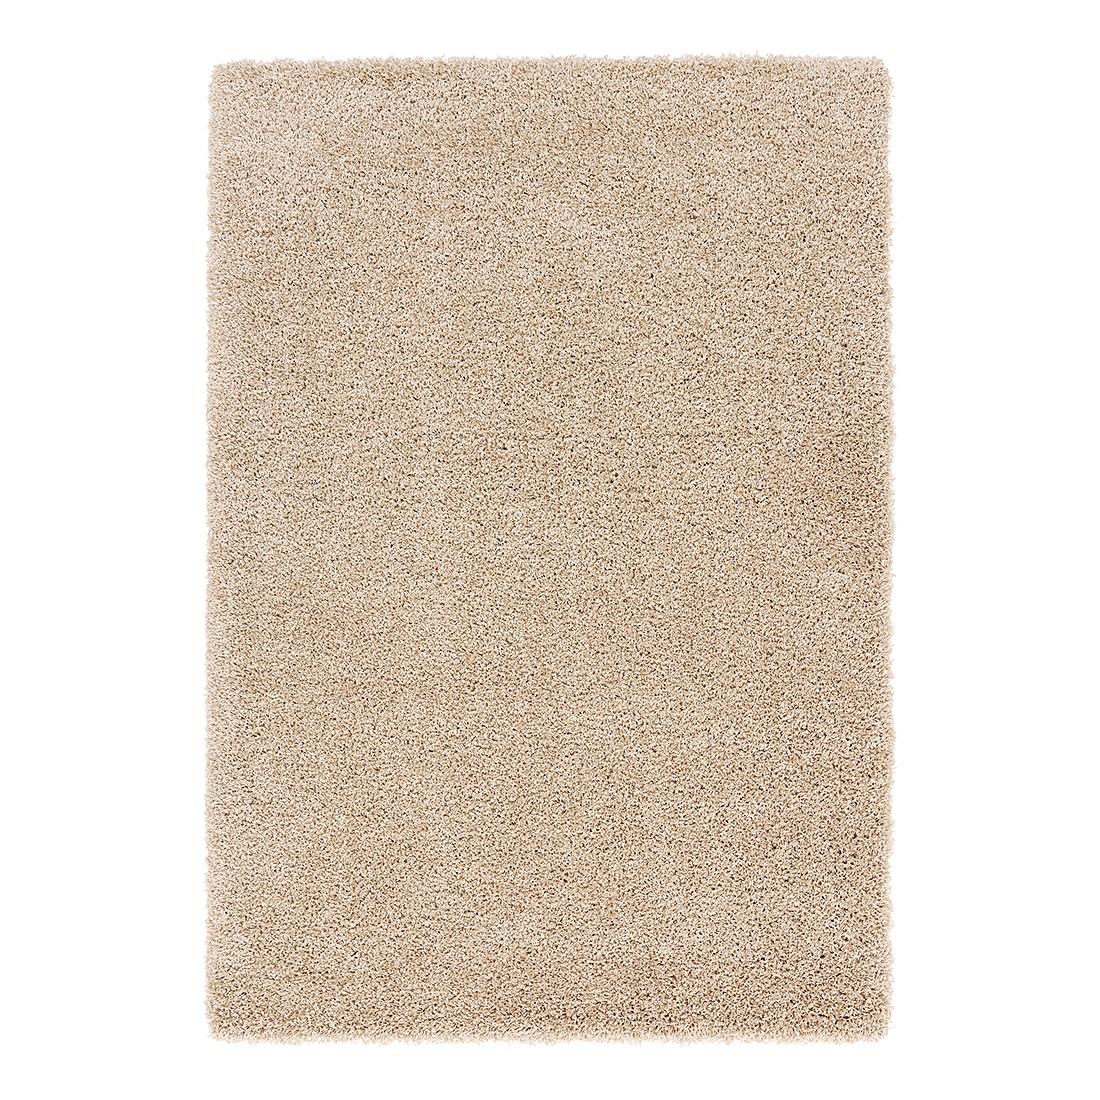 Teppich Palermo – Beige – 80 x 150 cm, Astra kaufen